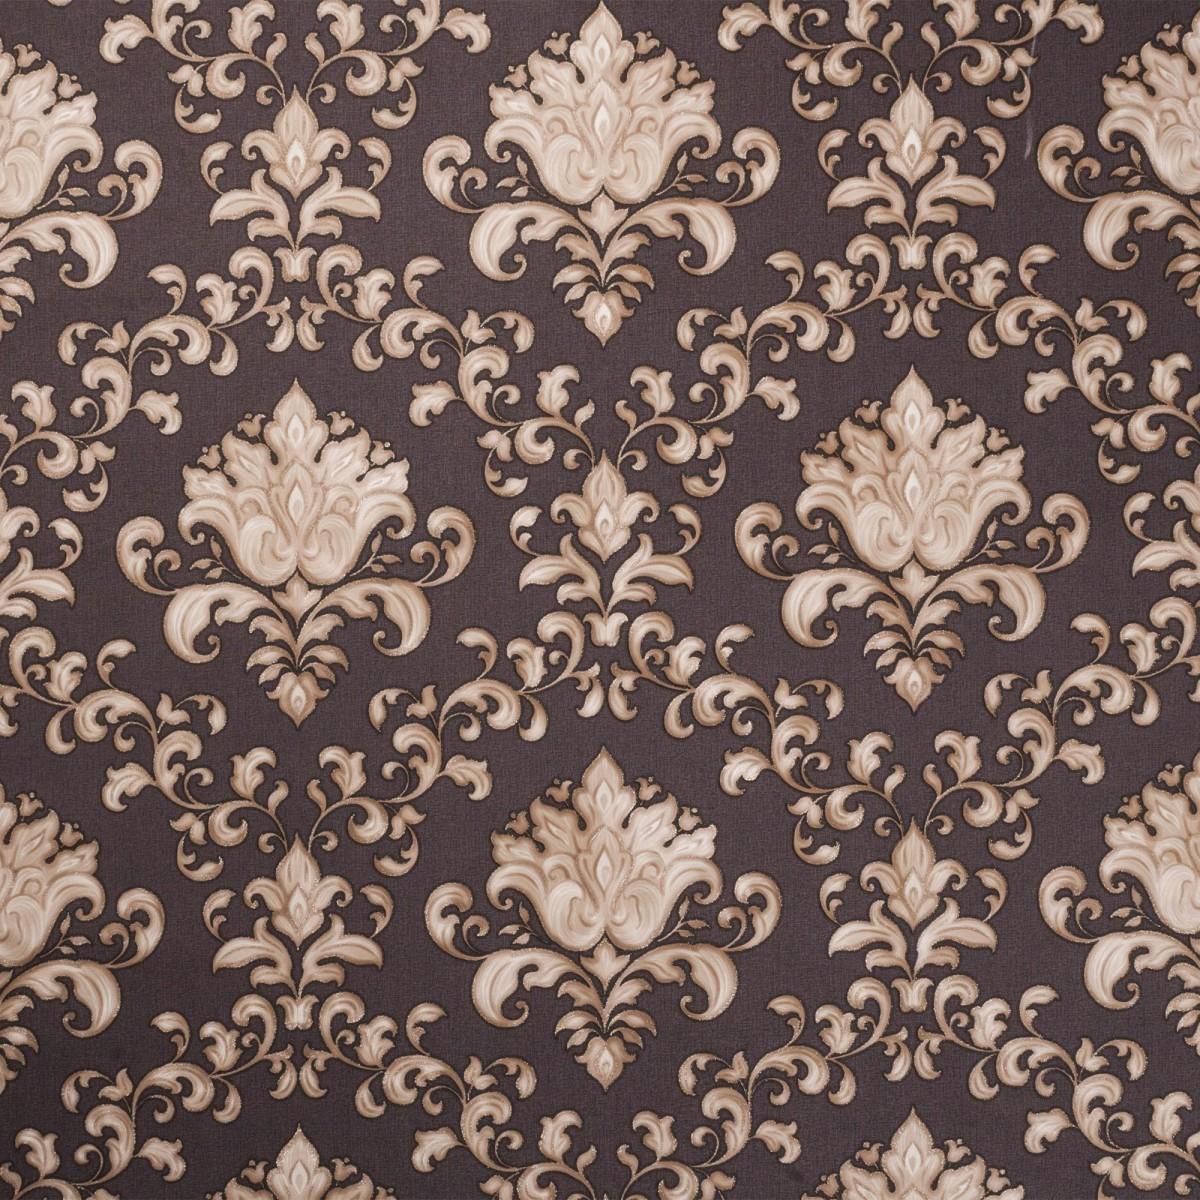 Обои флизелиновые 1.06х10 м дамаск цвет коричневый ЭР 4338-6